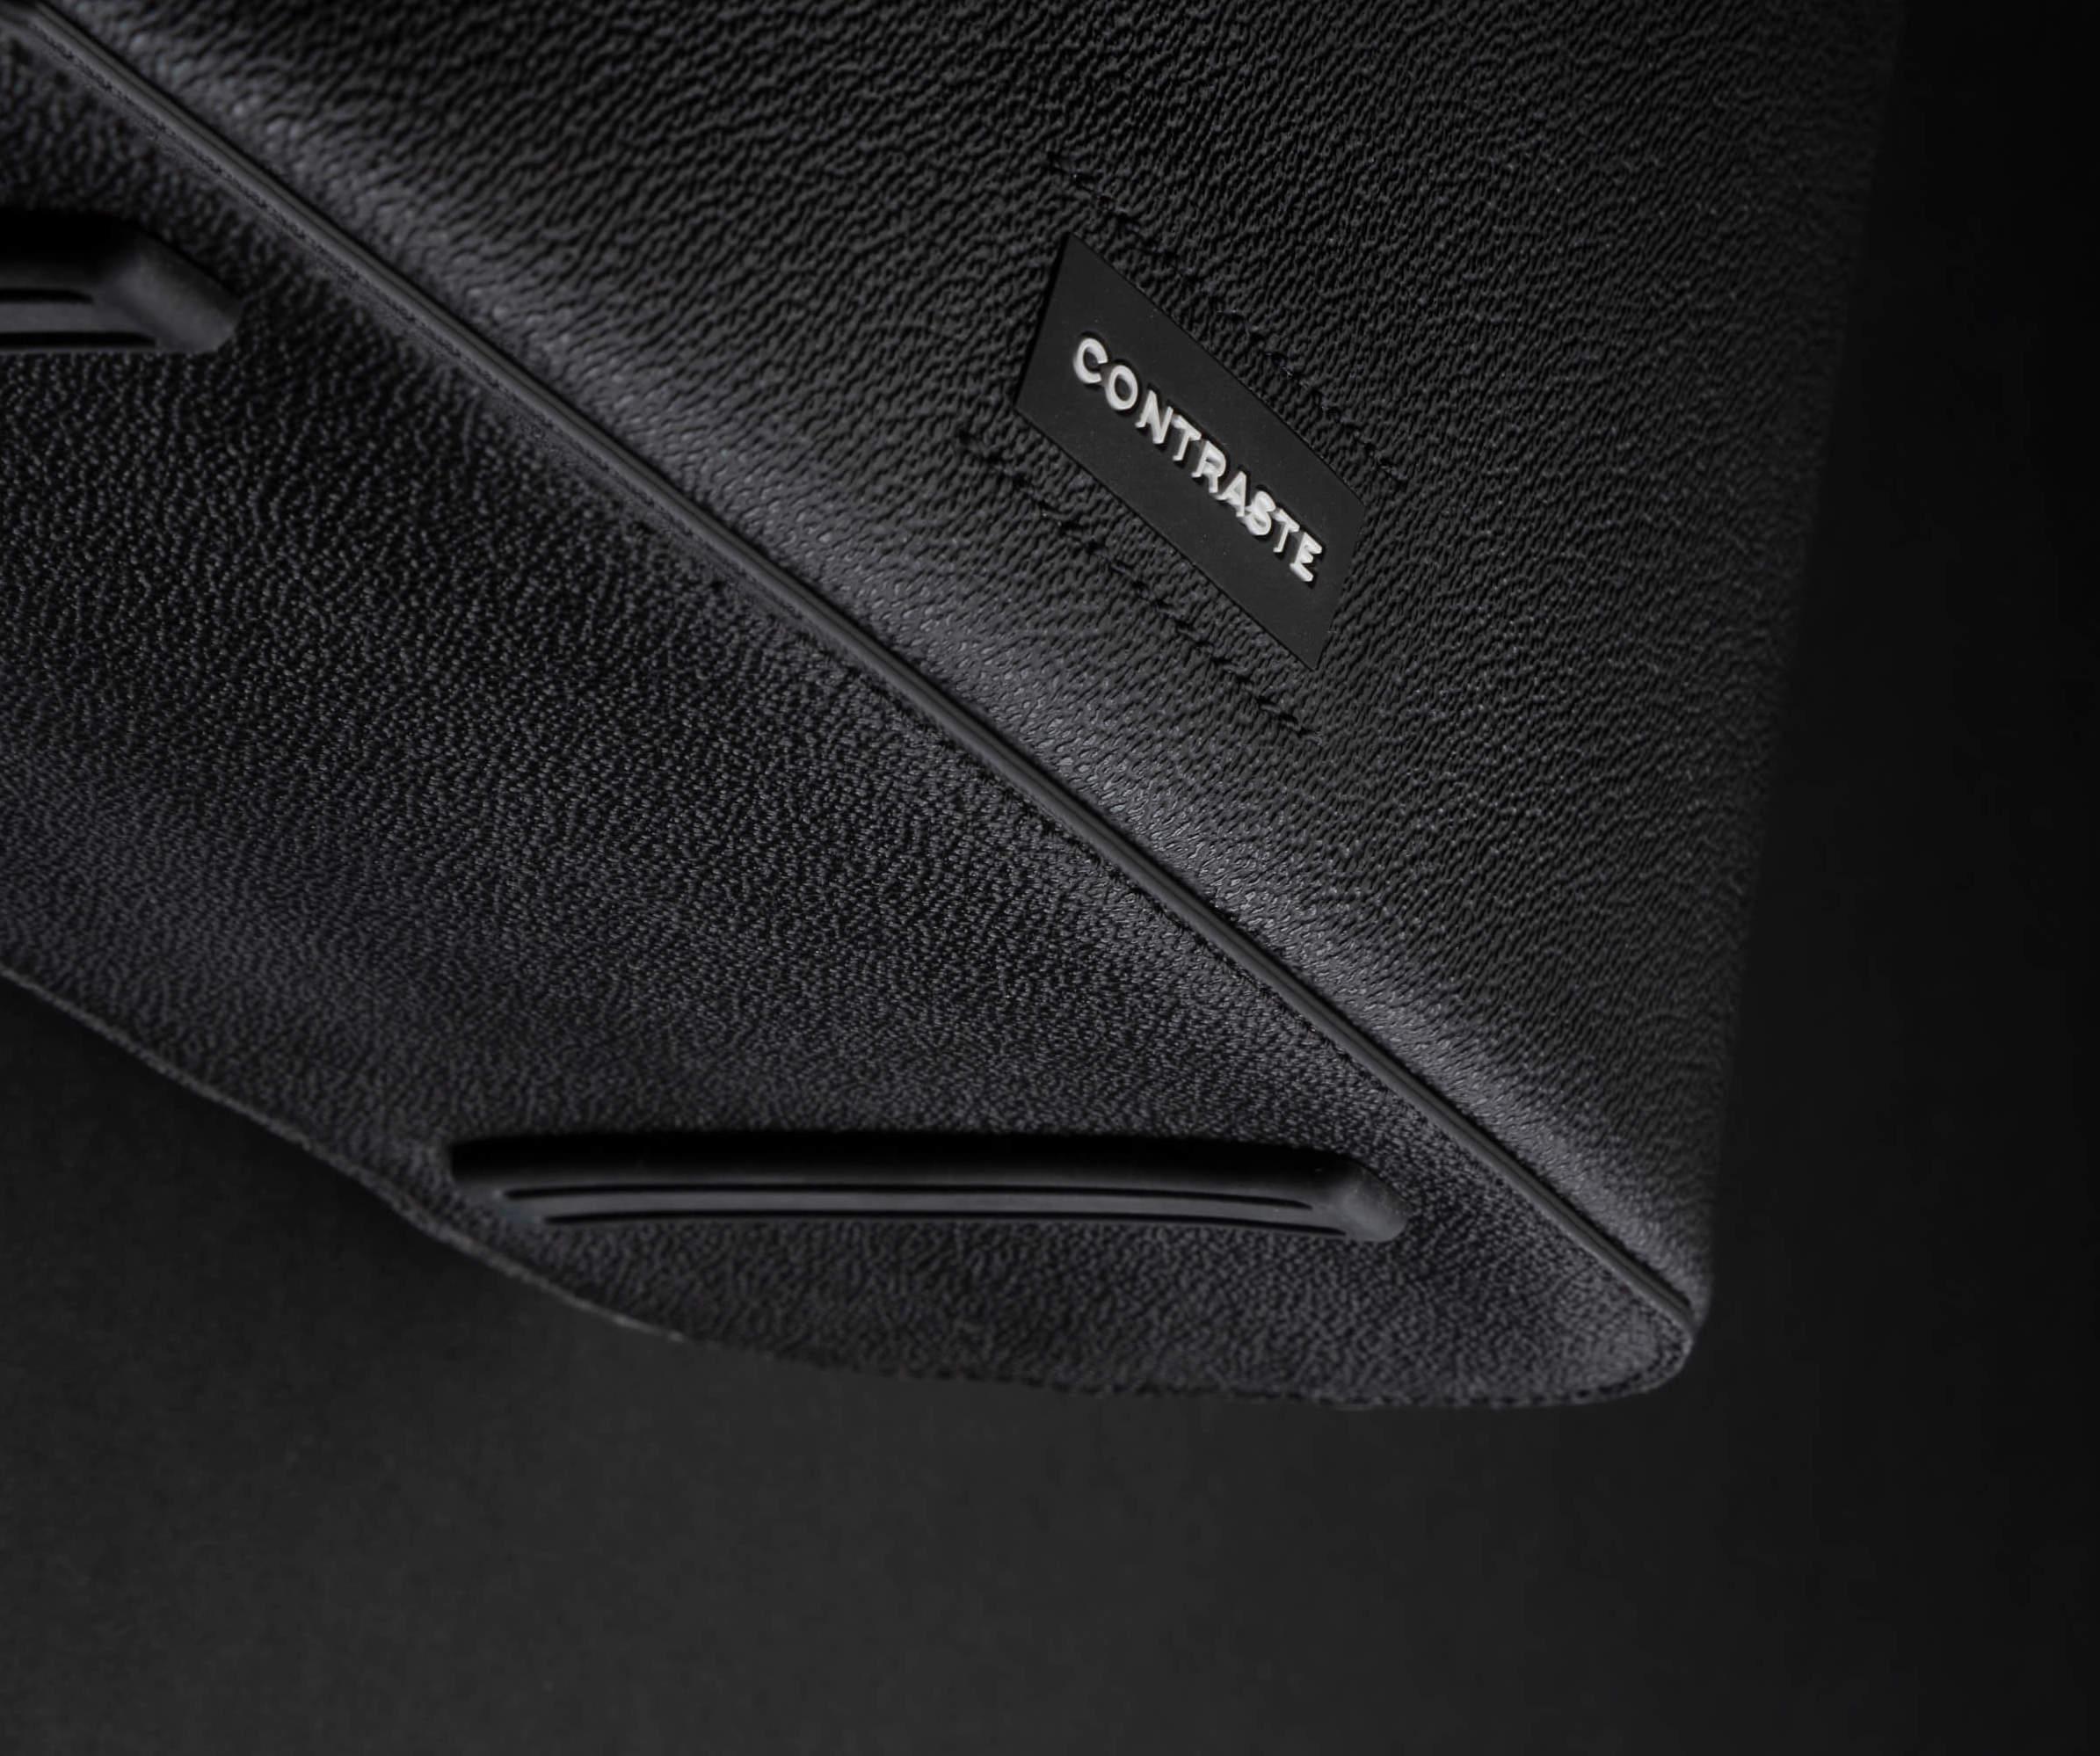 pochette contraste paris technologie sac photo cuir noir velours rouge stabilité pied